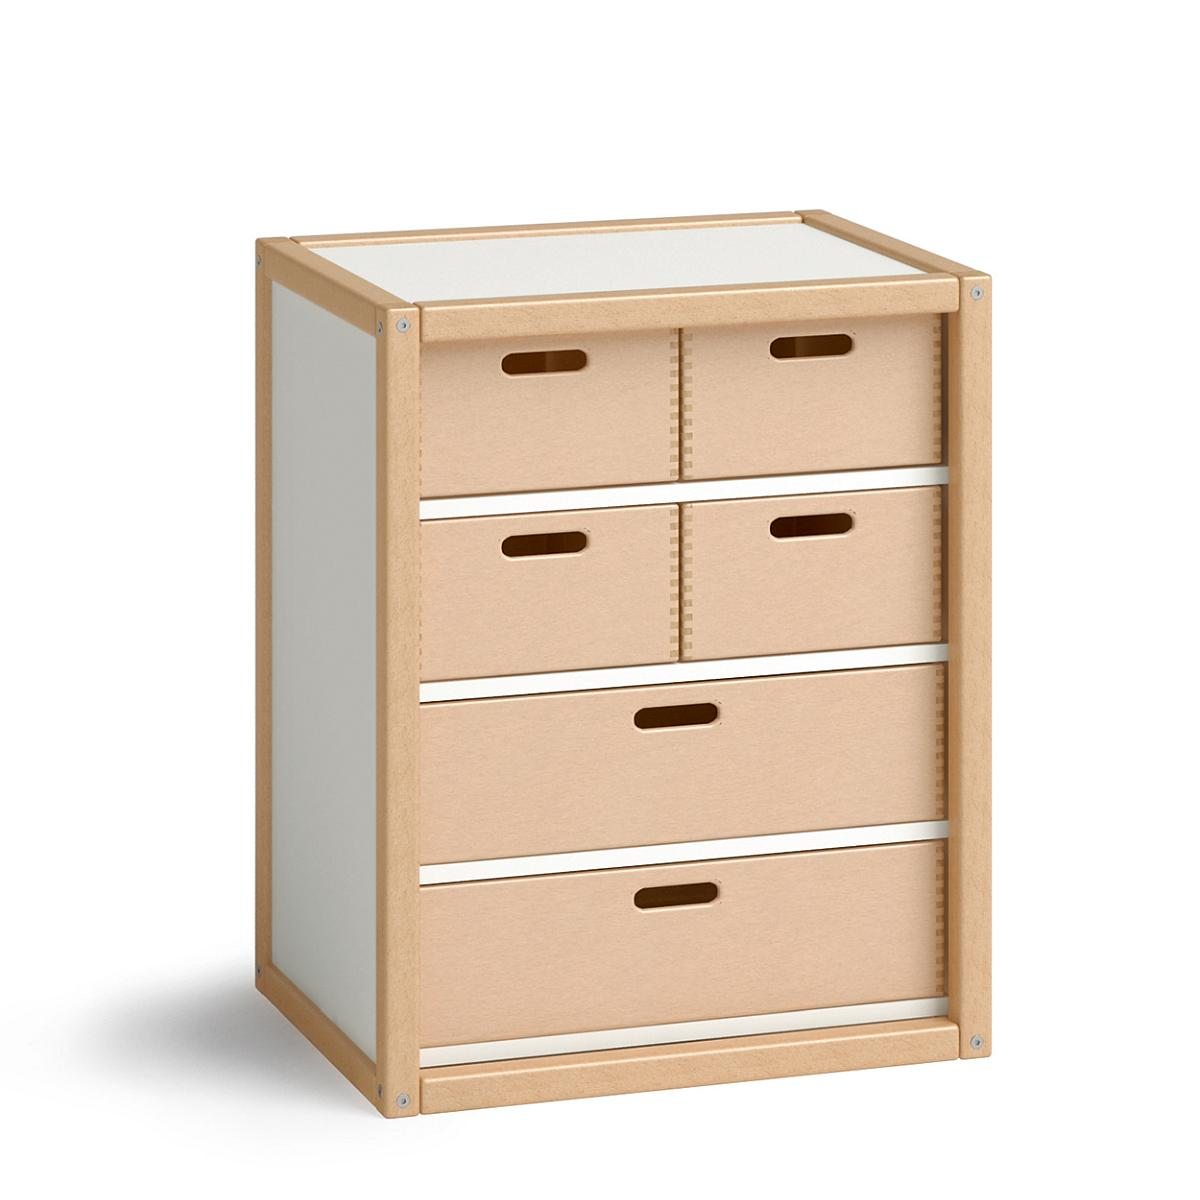 PROFILSYSTEM Container mit 6 Schubladen, 8435.3.05, Buche natur / weiß